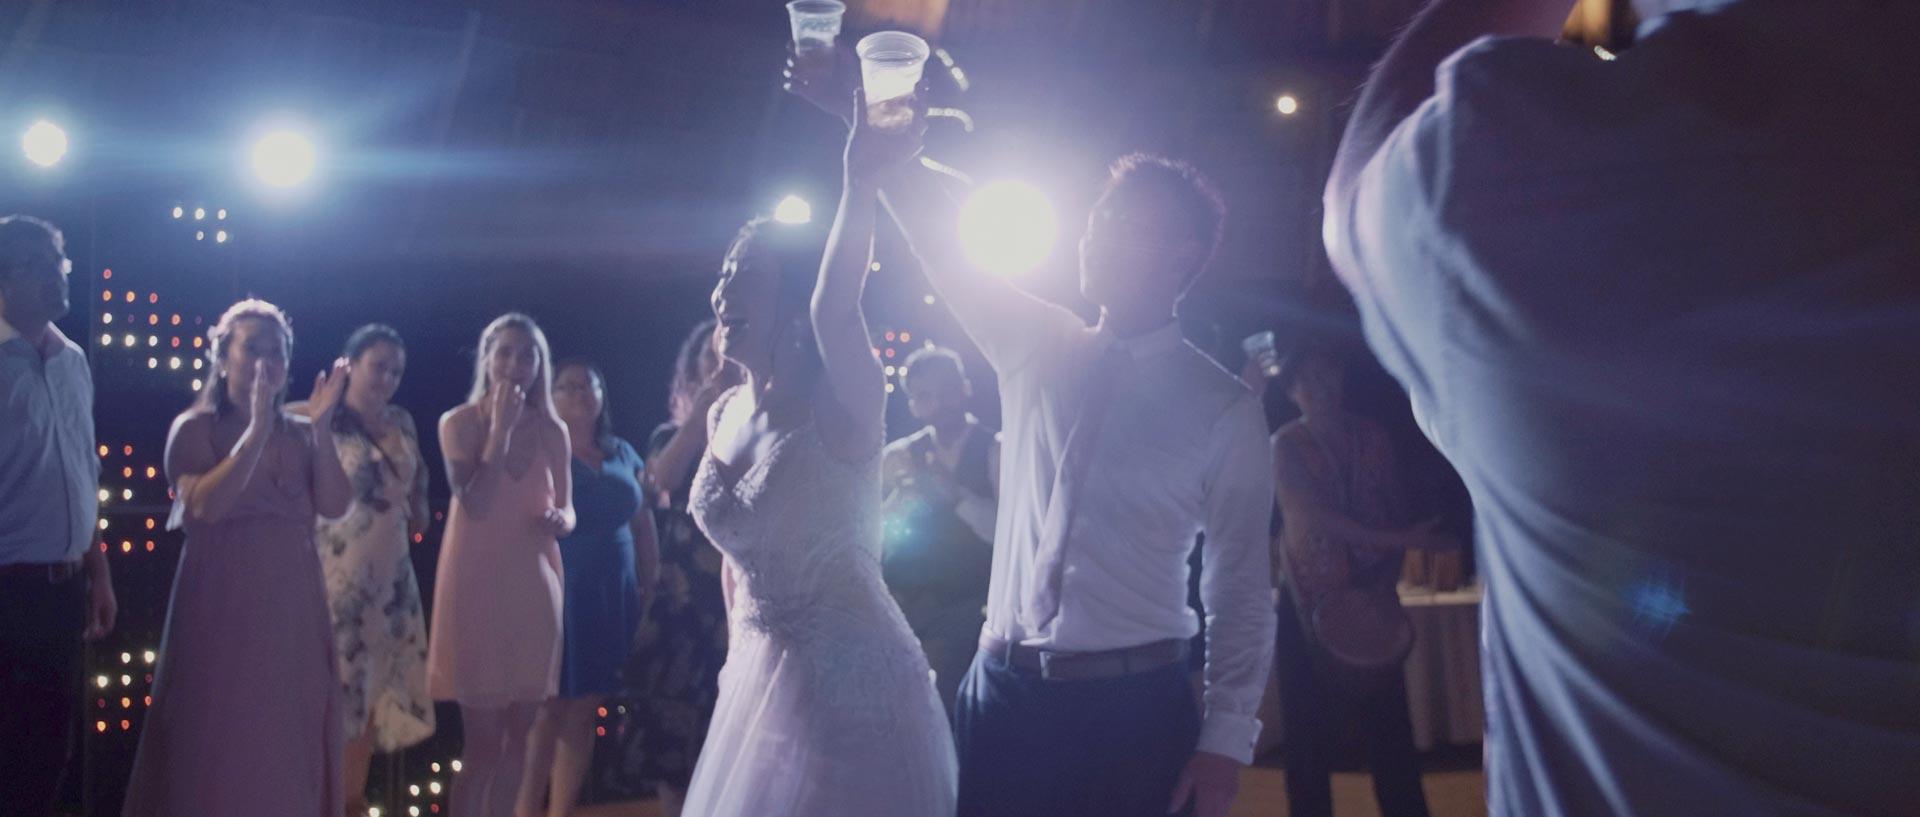 Destination-Wedding-Videography-Hyatt Ziva-Puerto-Vallarta-Mexico